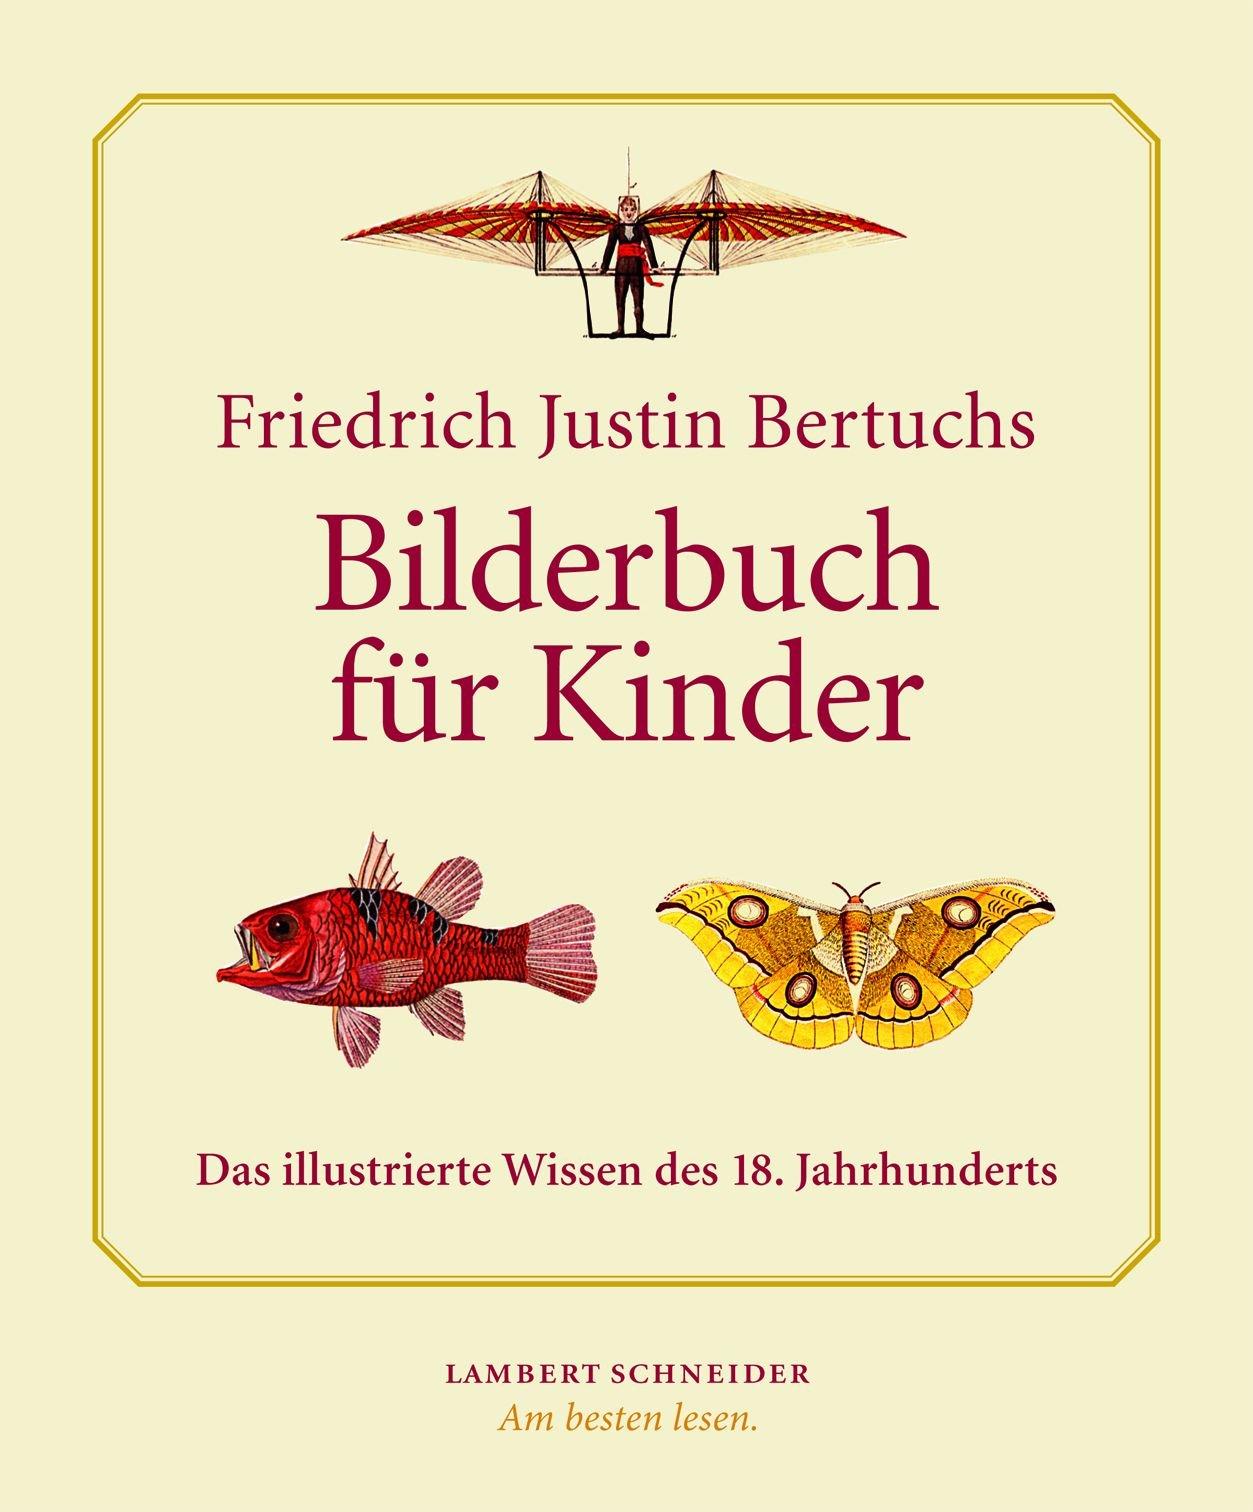 Friedrich Justin Bertuchs